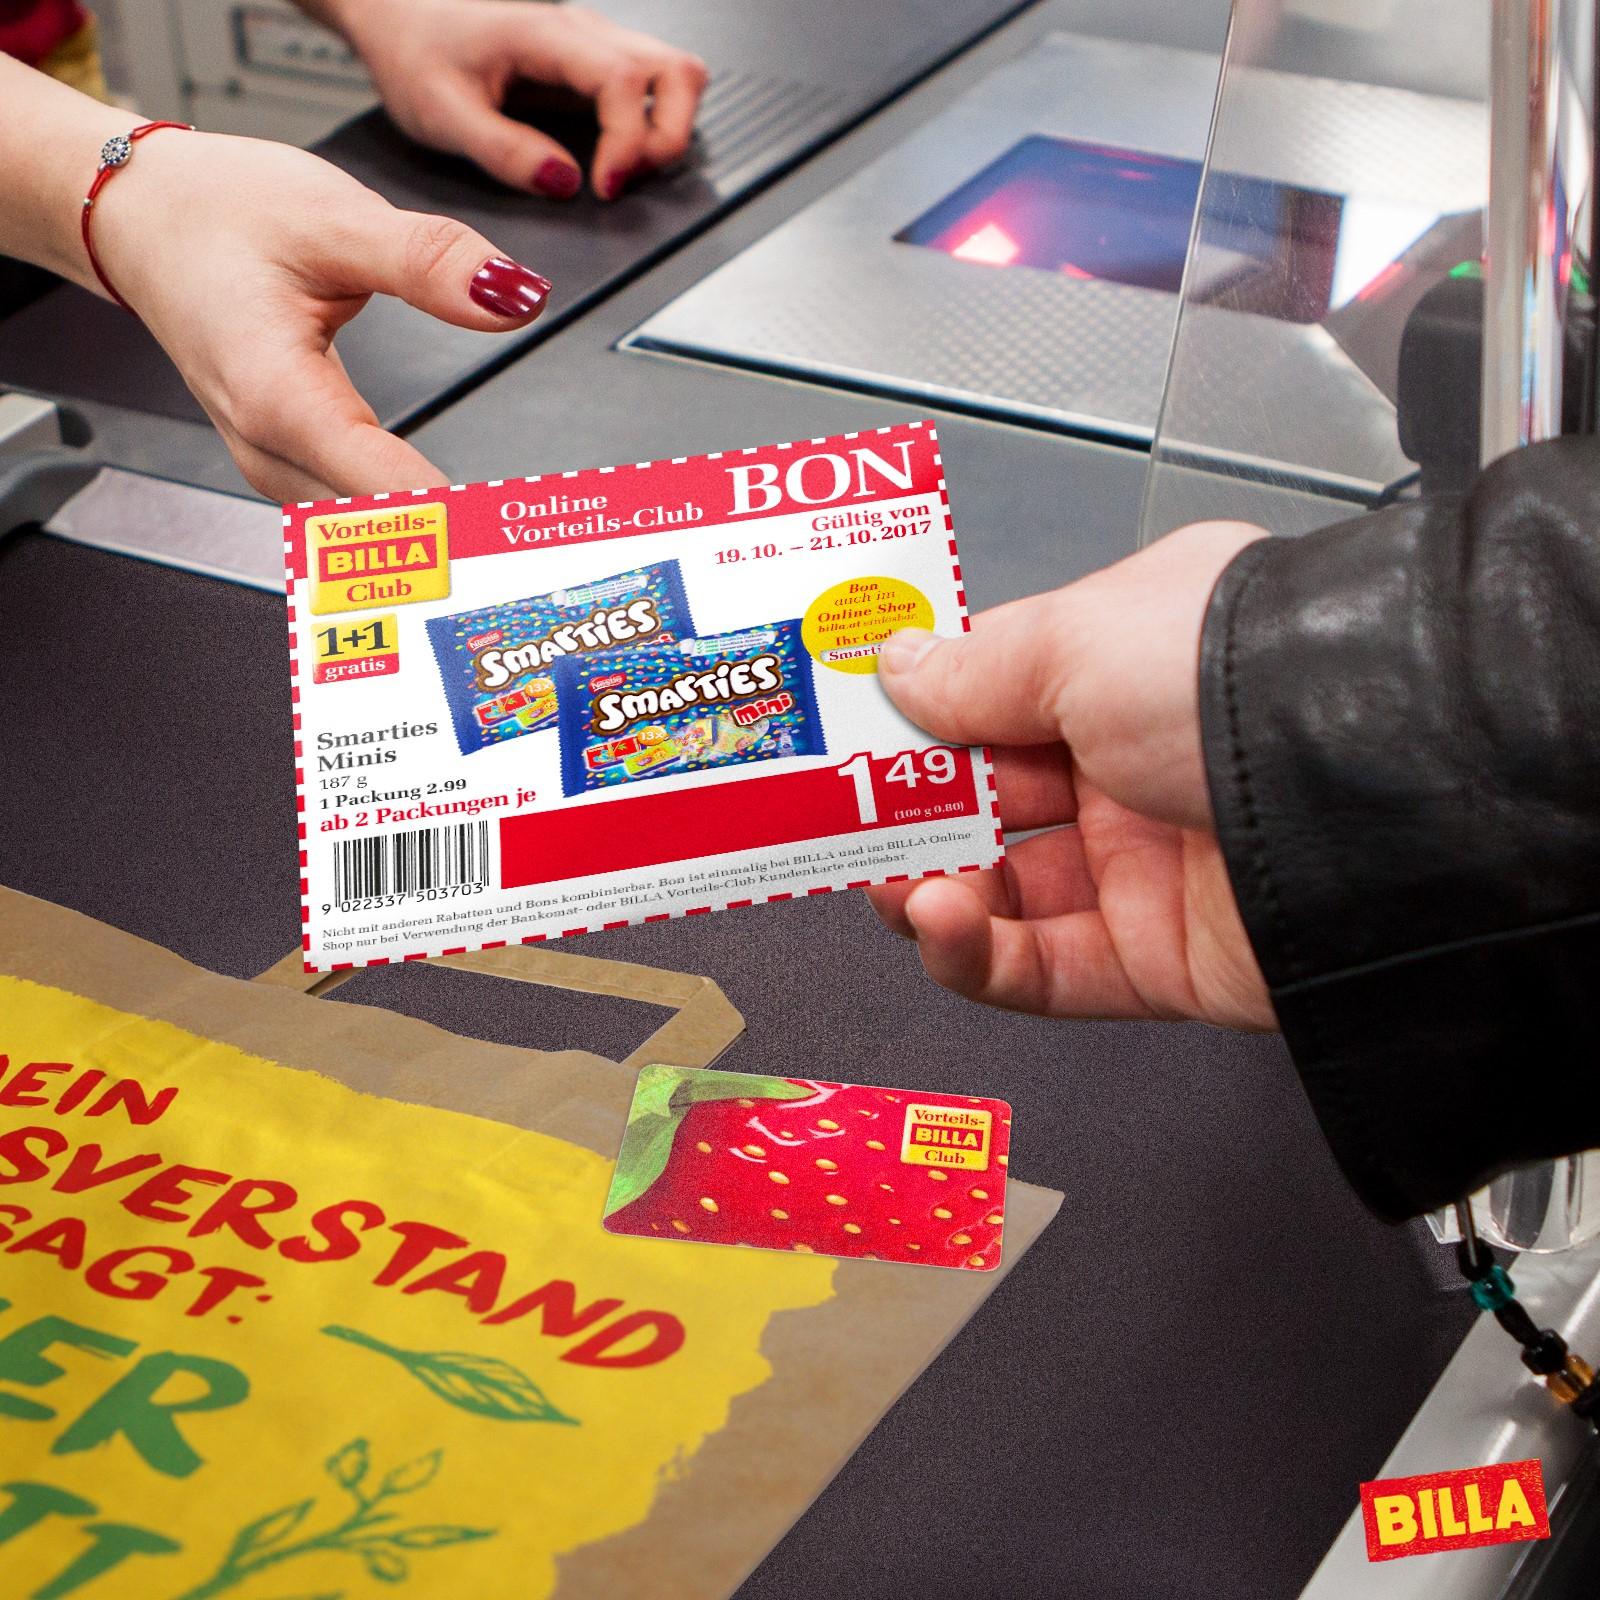 """Billa - Offline&Online Gutschein Code """"Smarties10"""" von 19.-21.10.17 marties Minis, 187 g, 1+1 gratis mit Bon"""